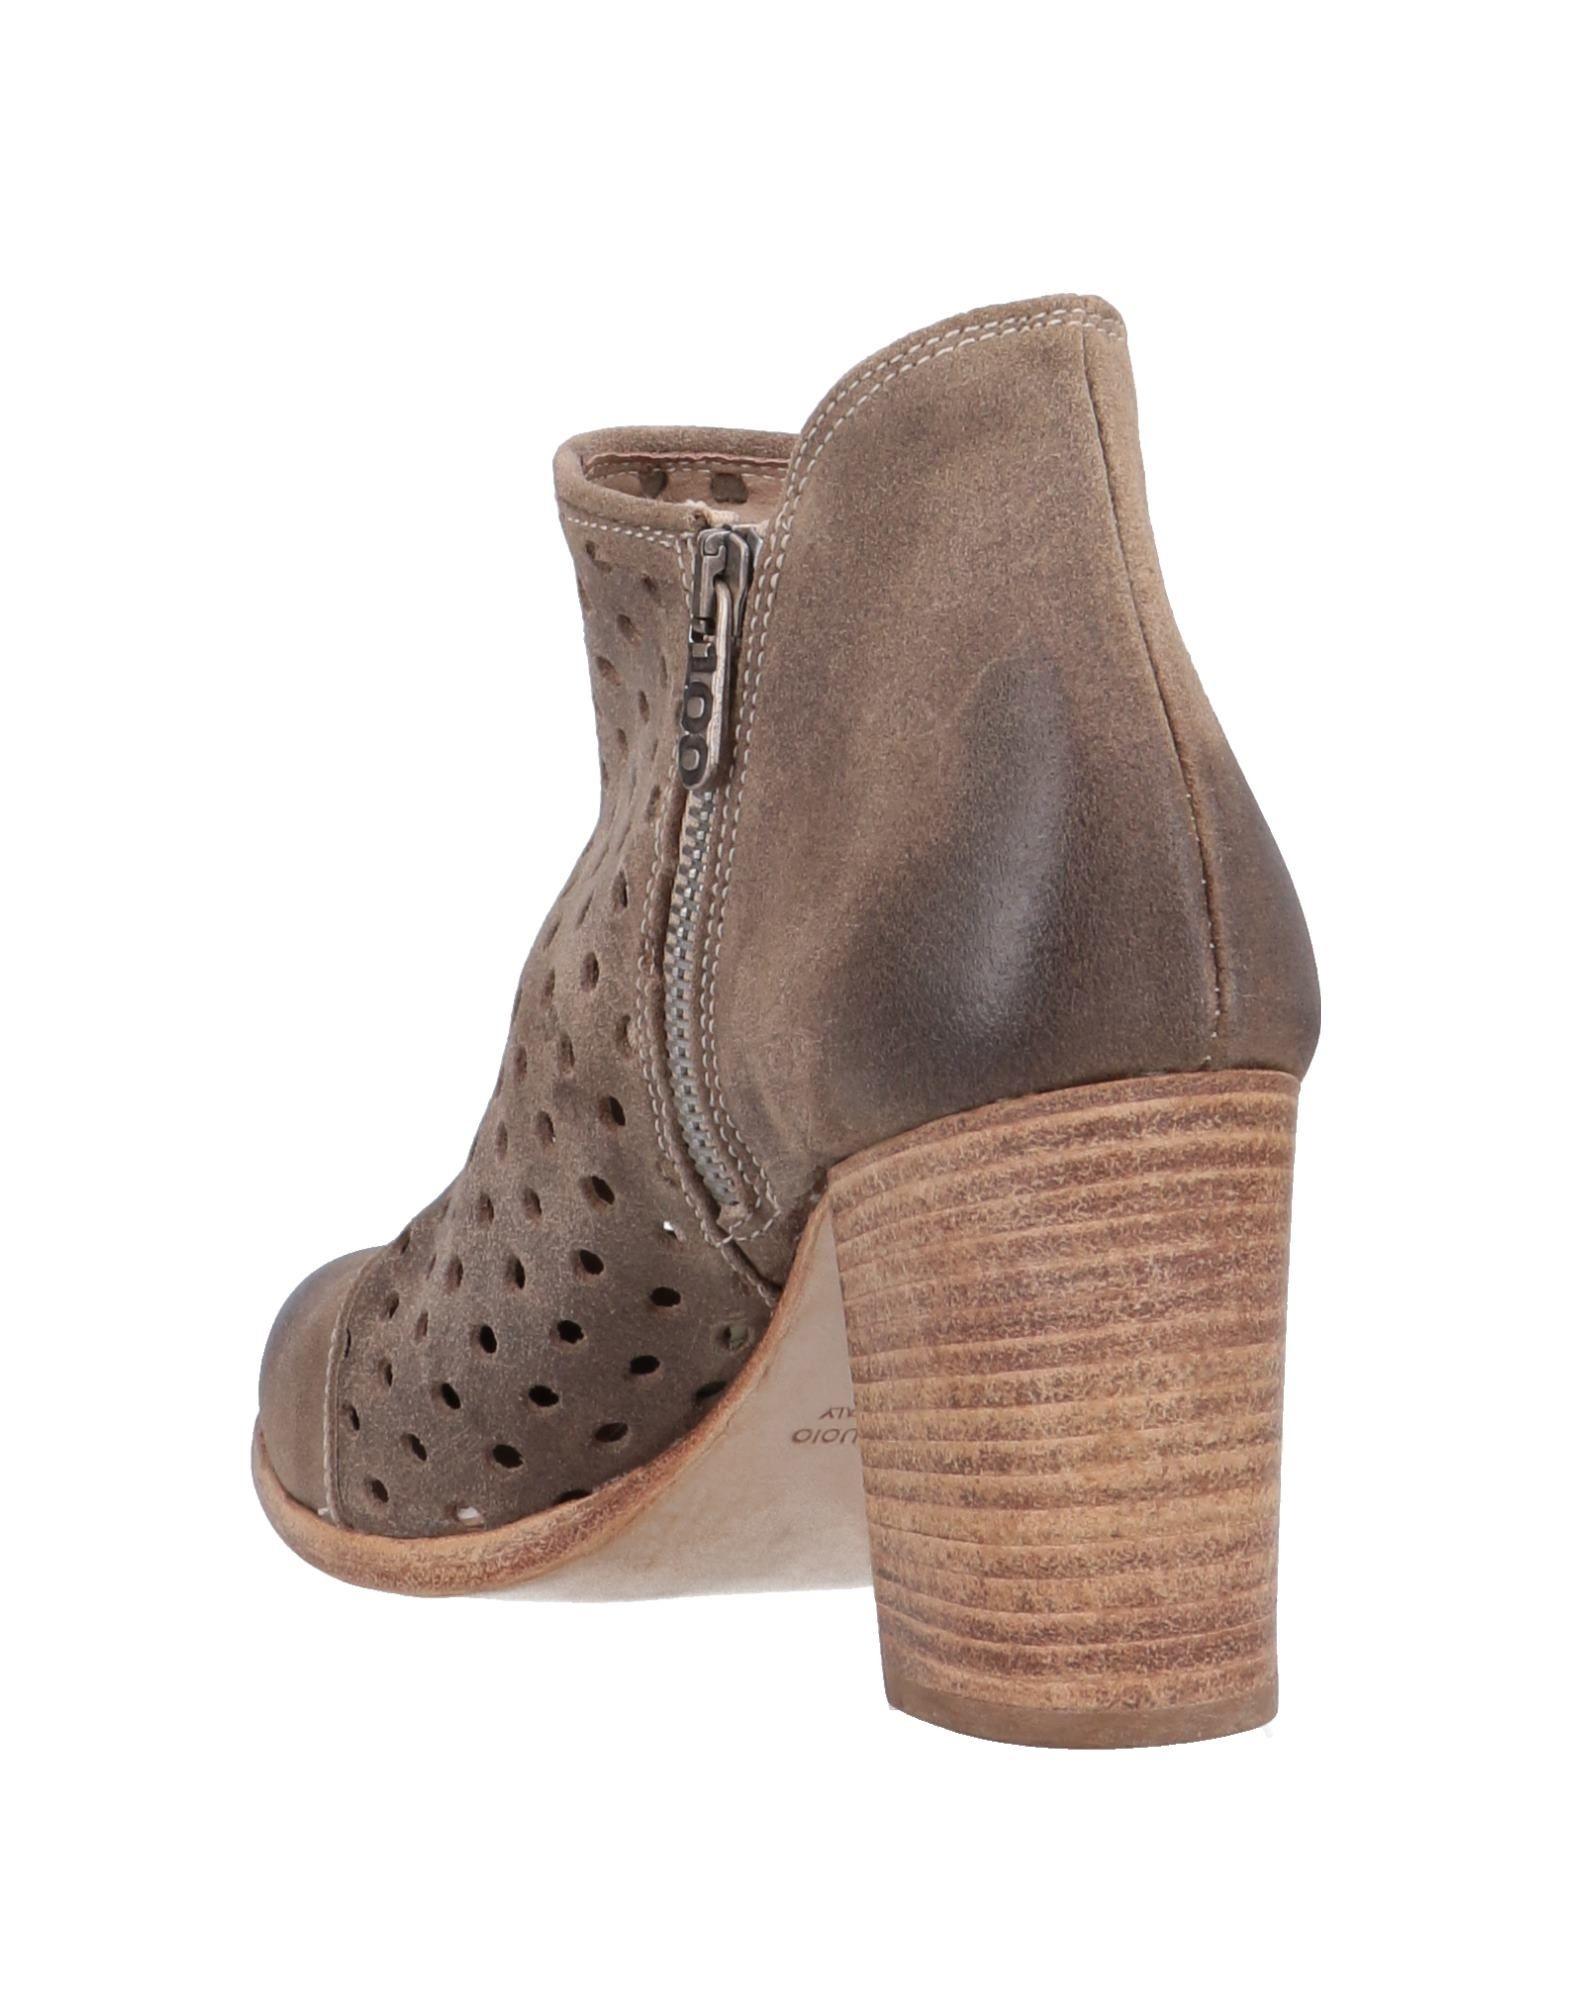 Stilvolle billige Schuhe  HundROT 100 Stiefelette Damen  Schuhe 11546695LQ 8e225e